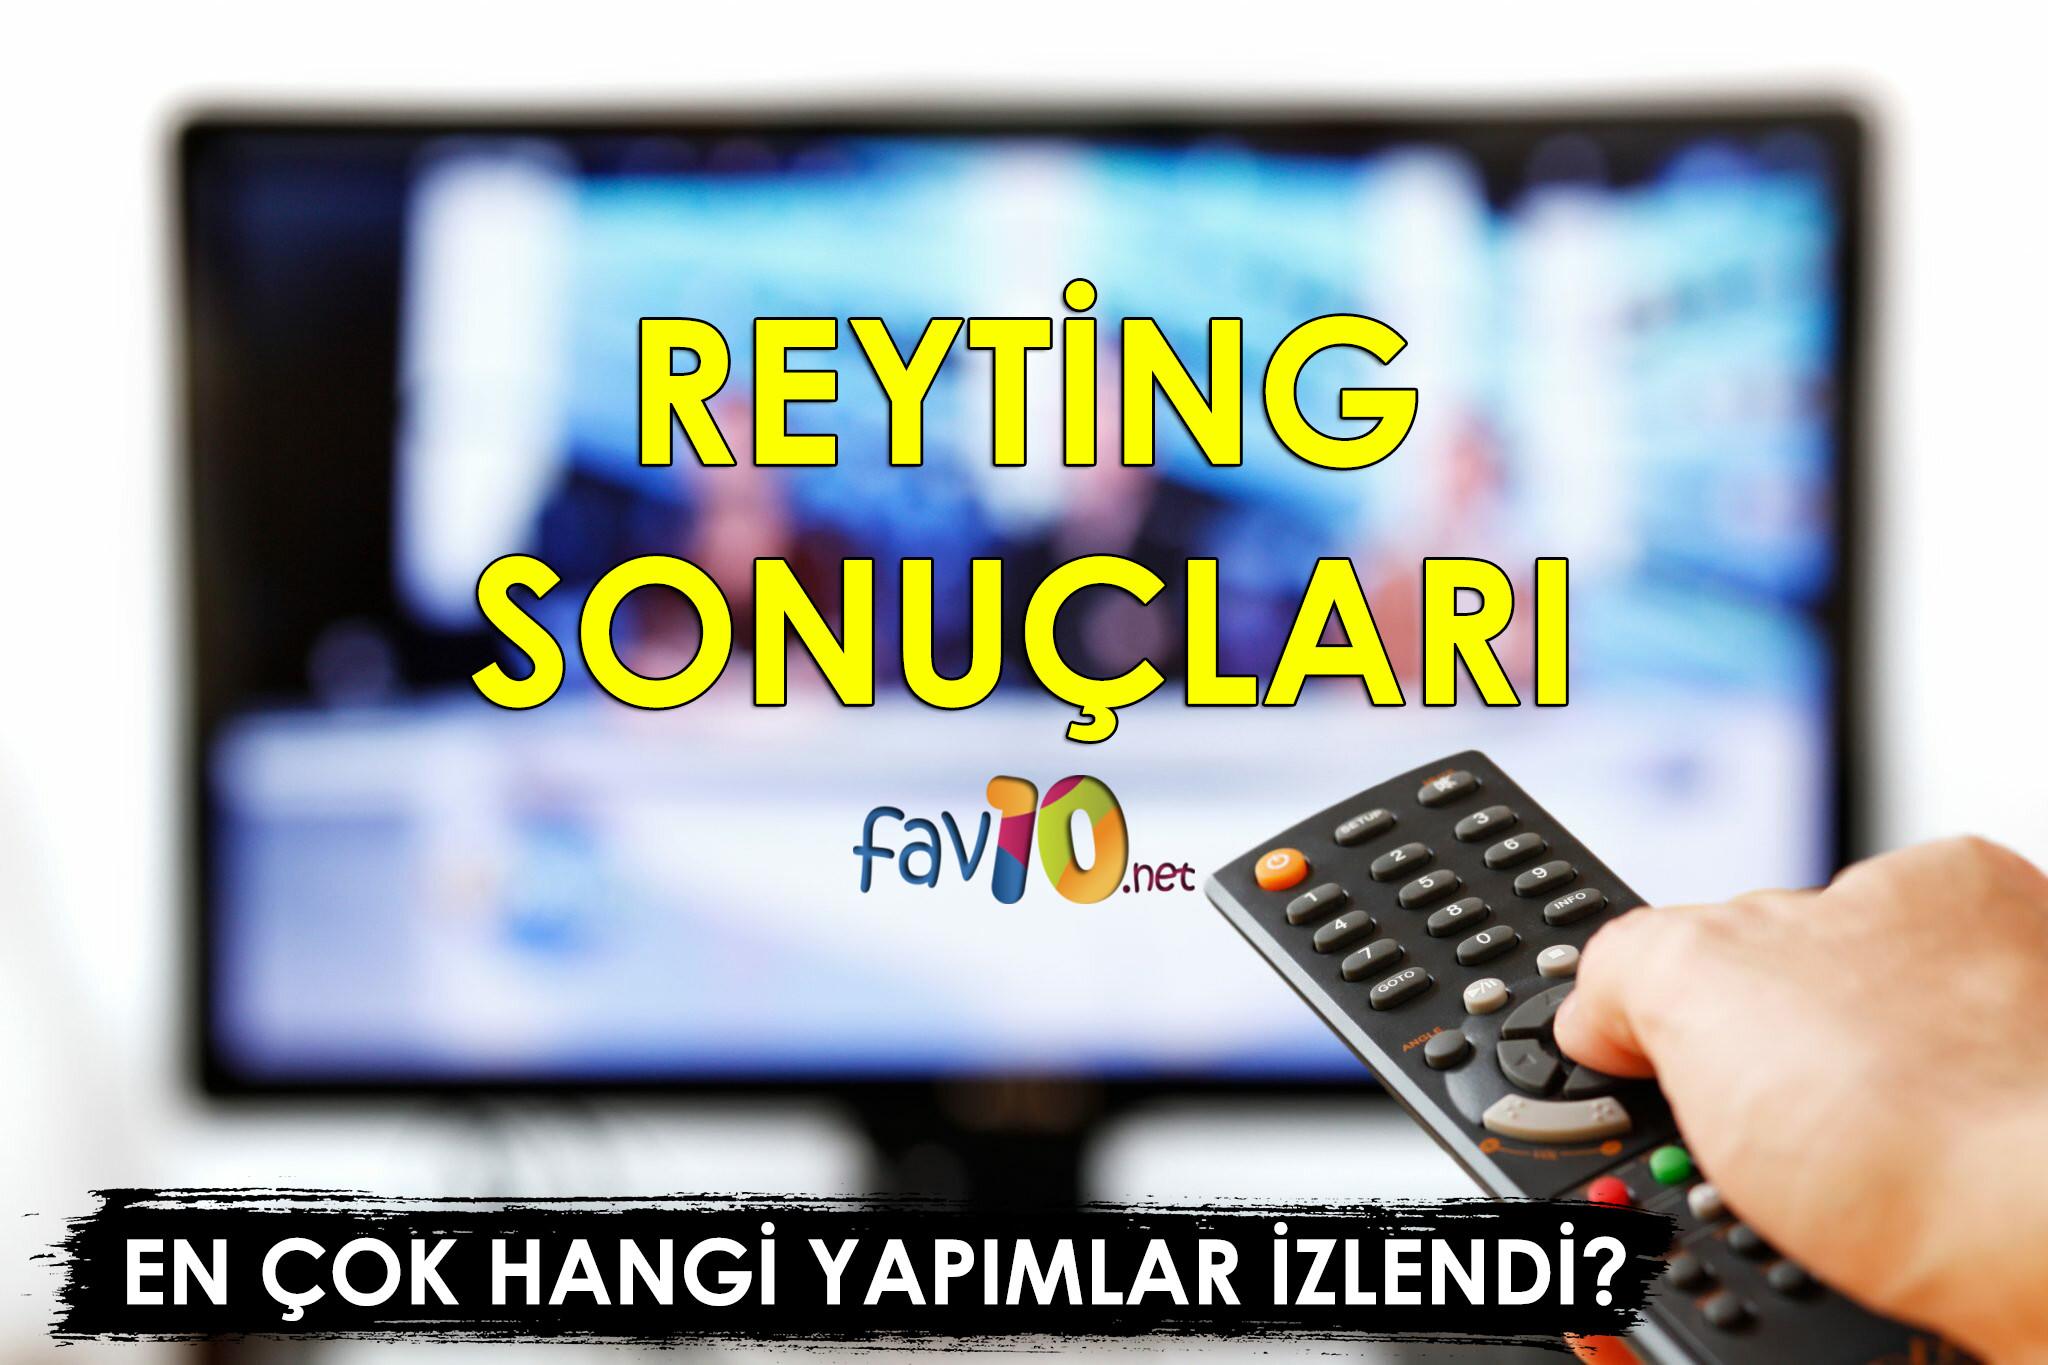 Reyting-Sonuclari-Fav10.jpg